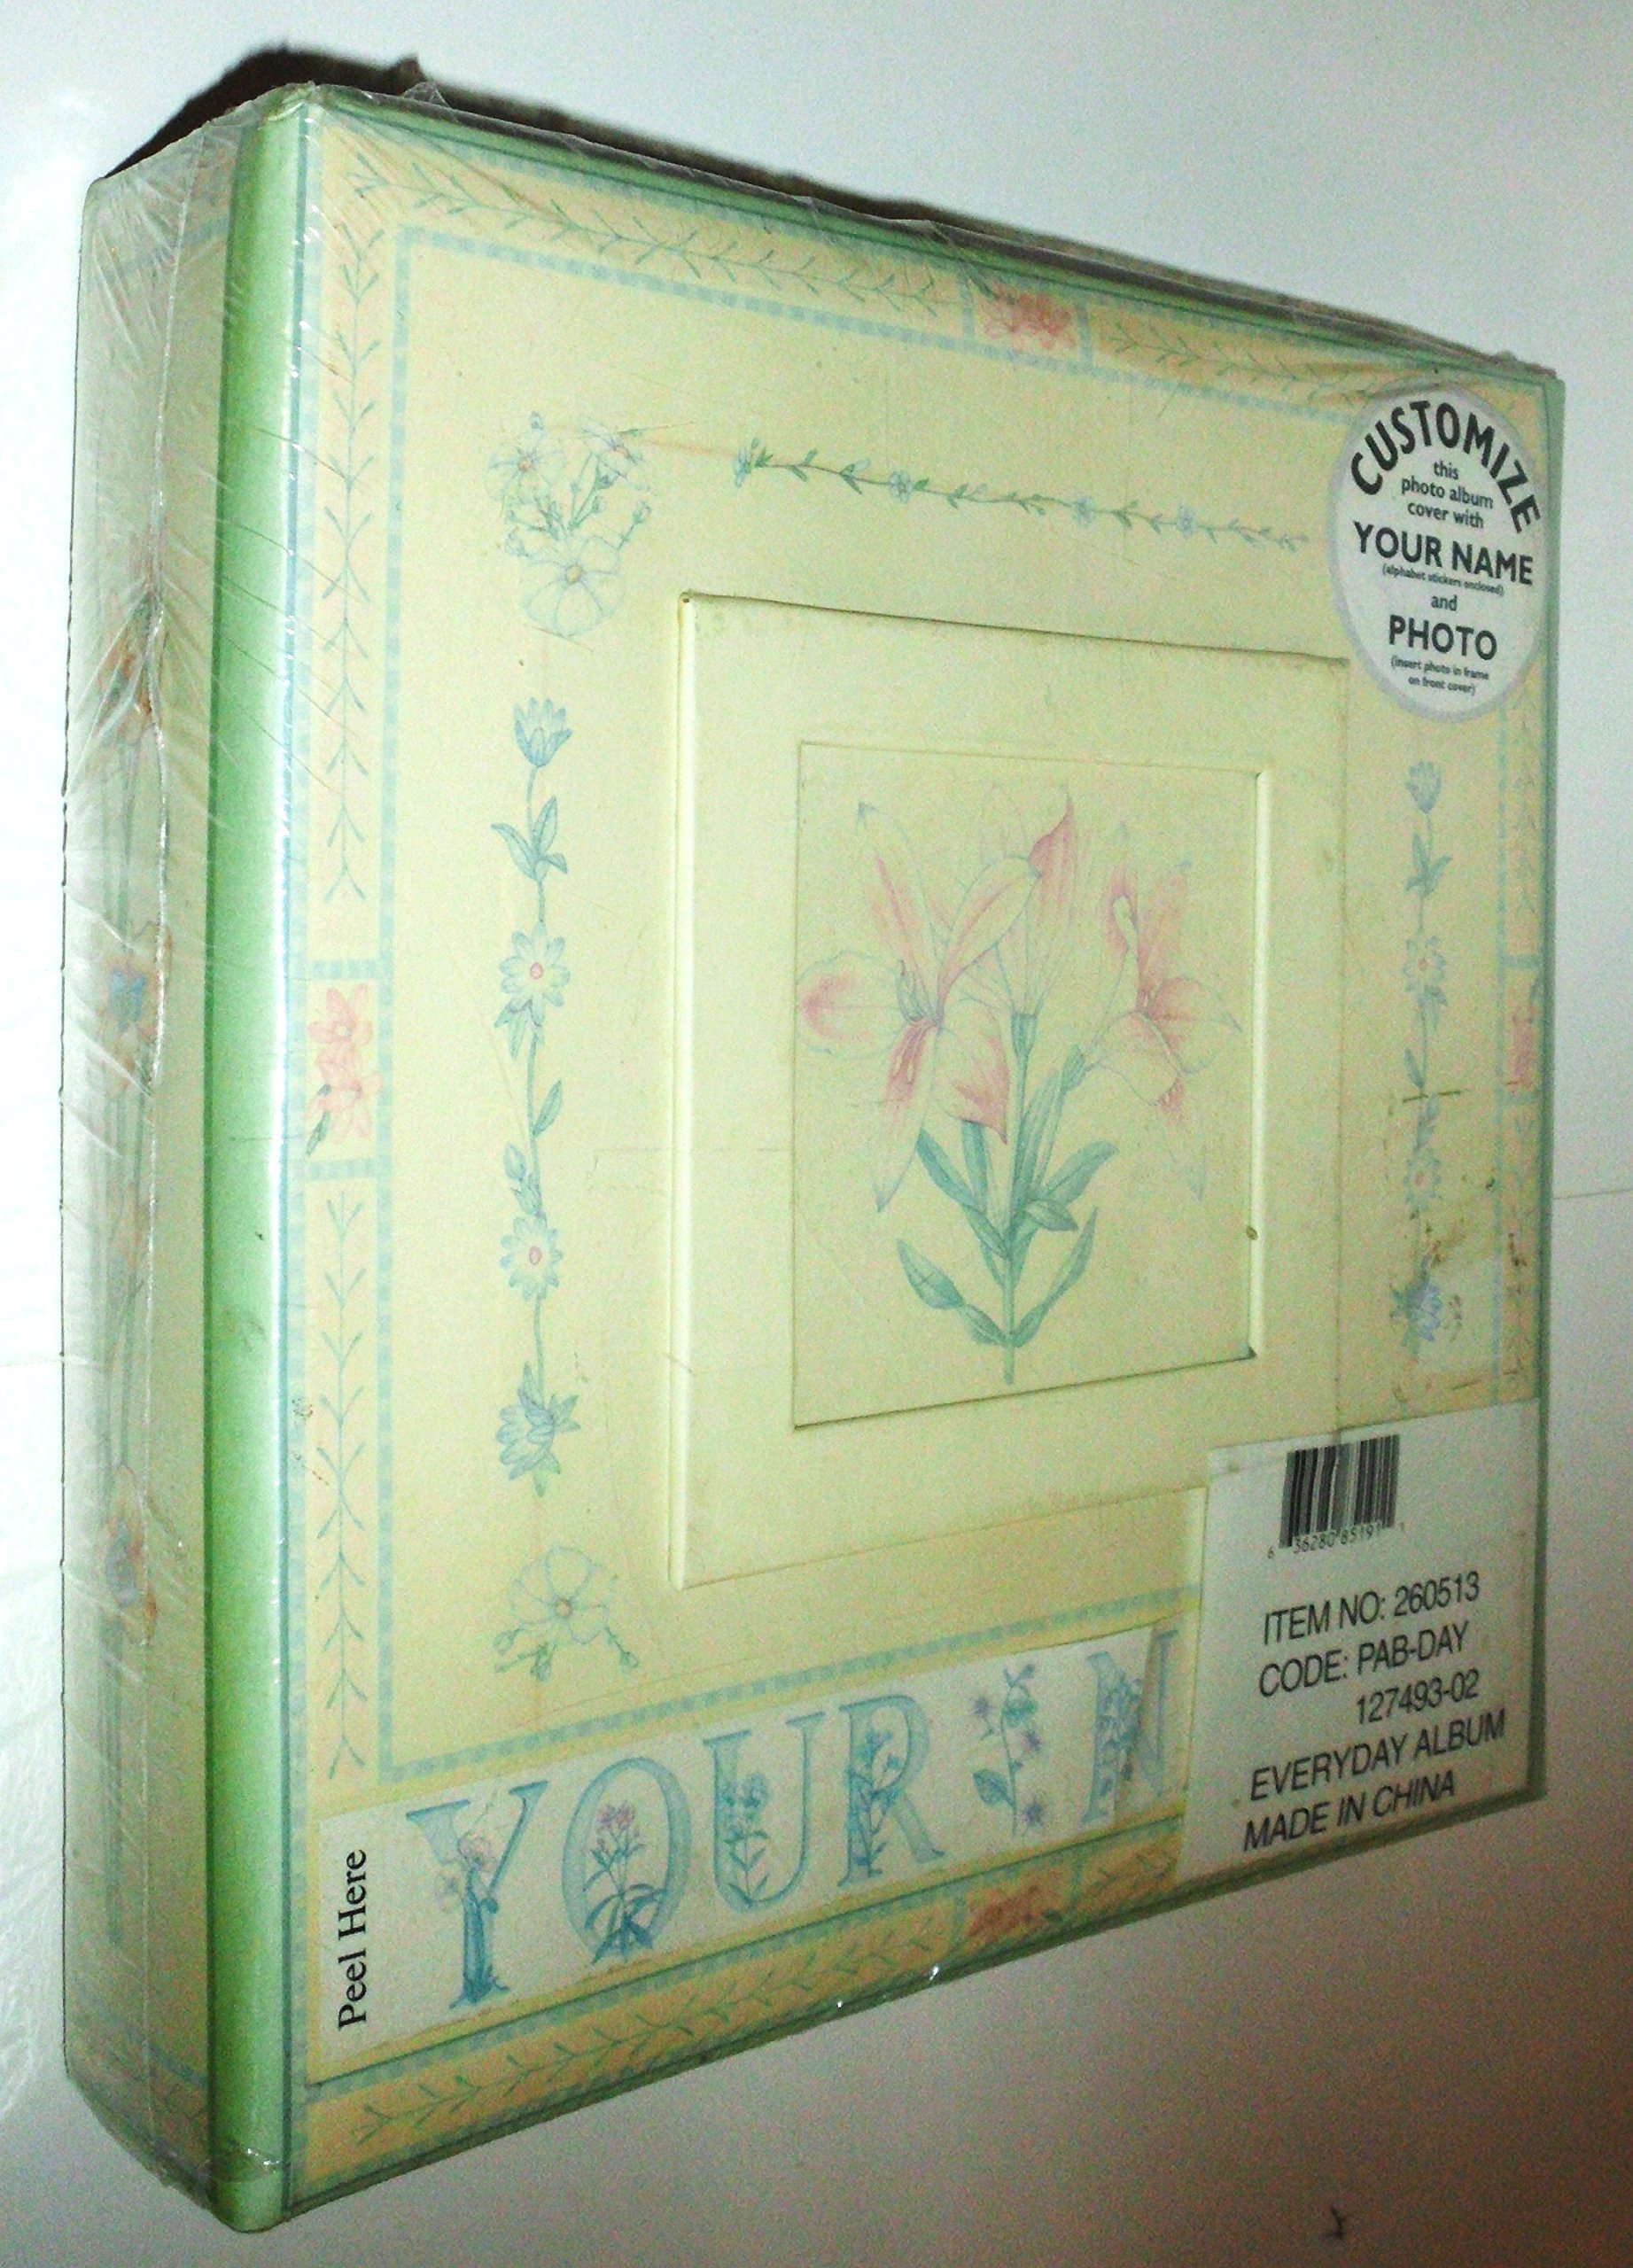 Havoc Everyday Photo Album - Floral - 260513 - 9'' x 9''